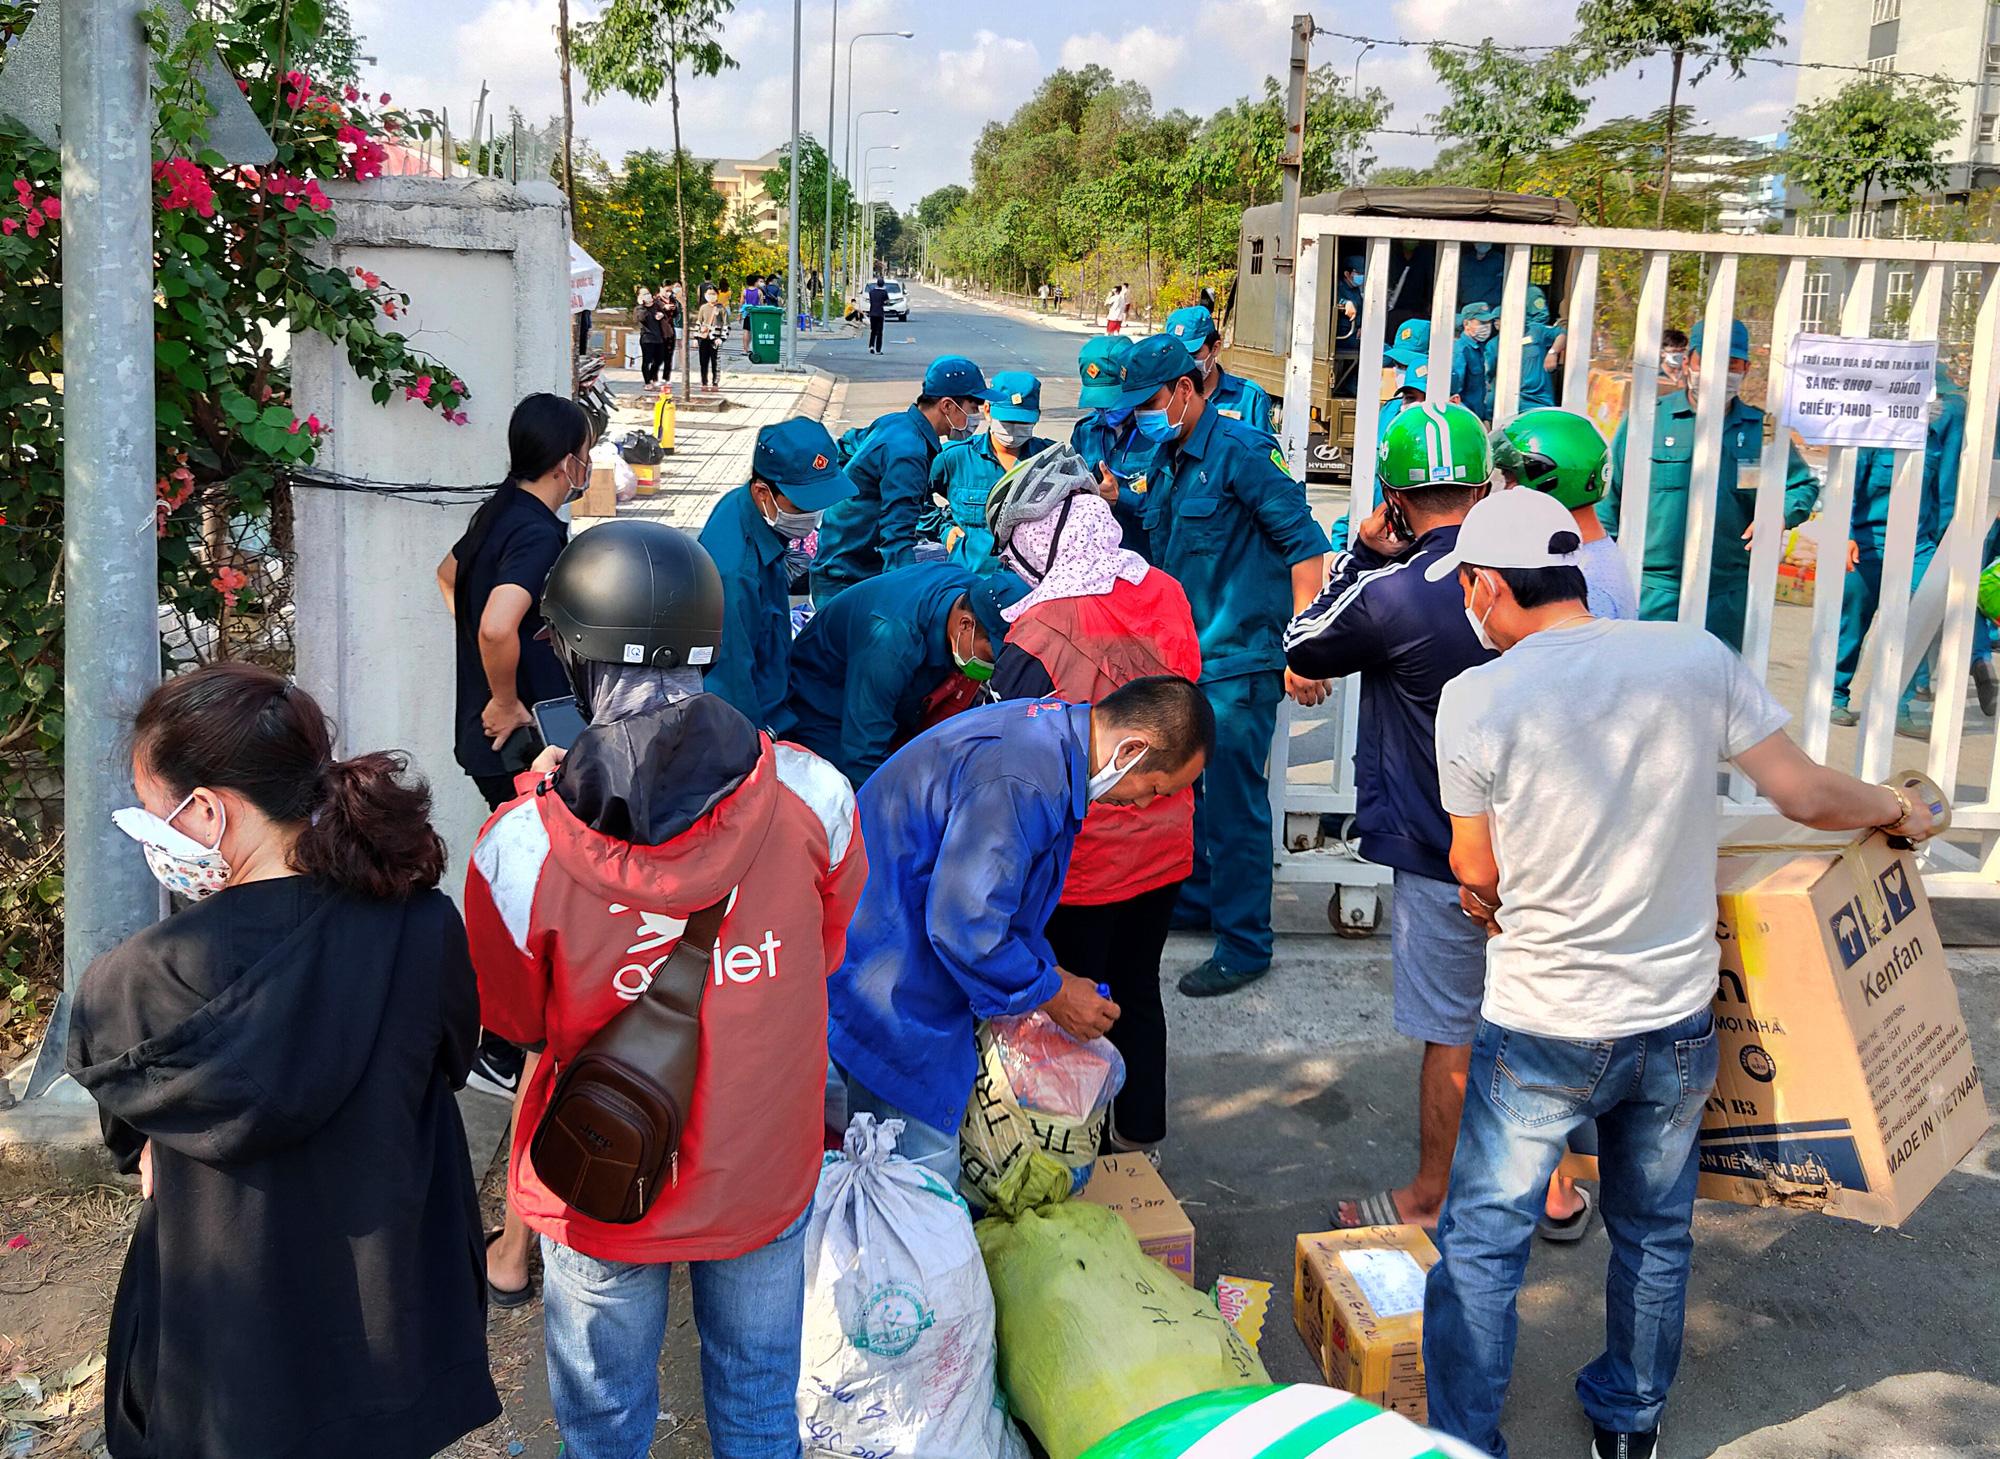 Hàng trăm người đội nắng để gửi đồ cho thân nhân trong khu cách li tại kí túc xá Đại học Quốc gia TP HCM - Ảnh 10.